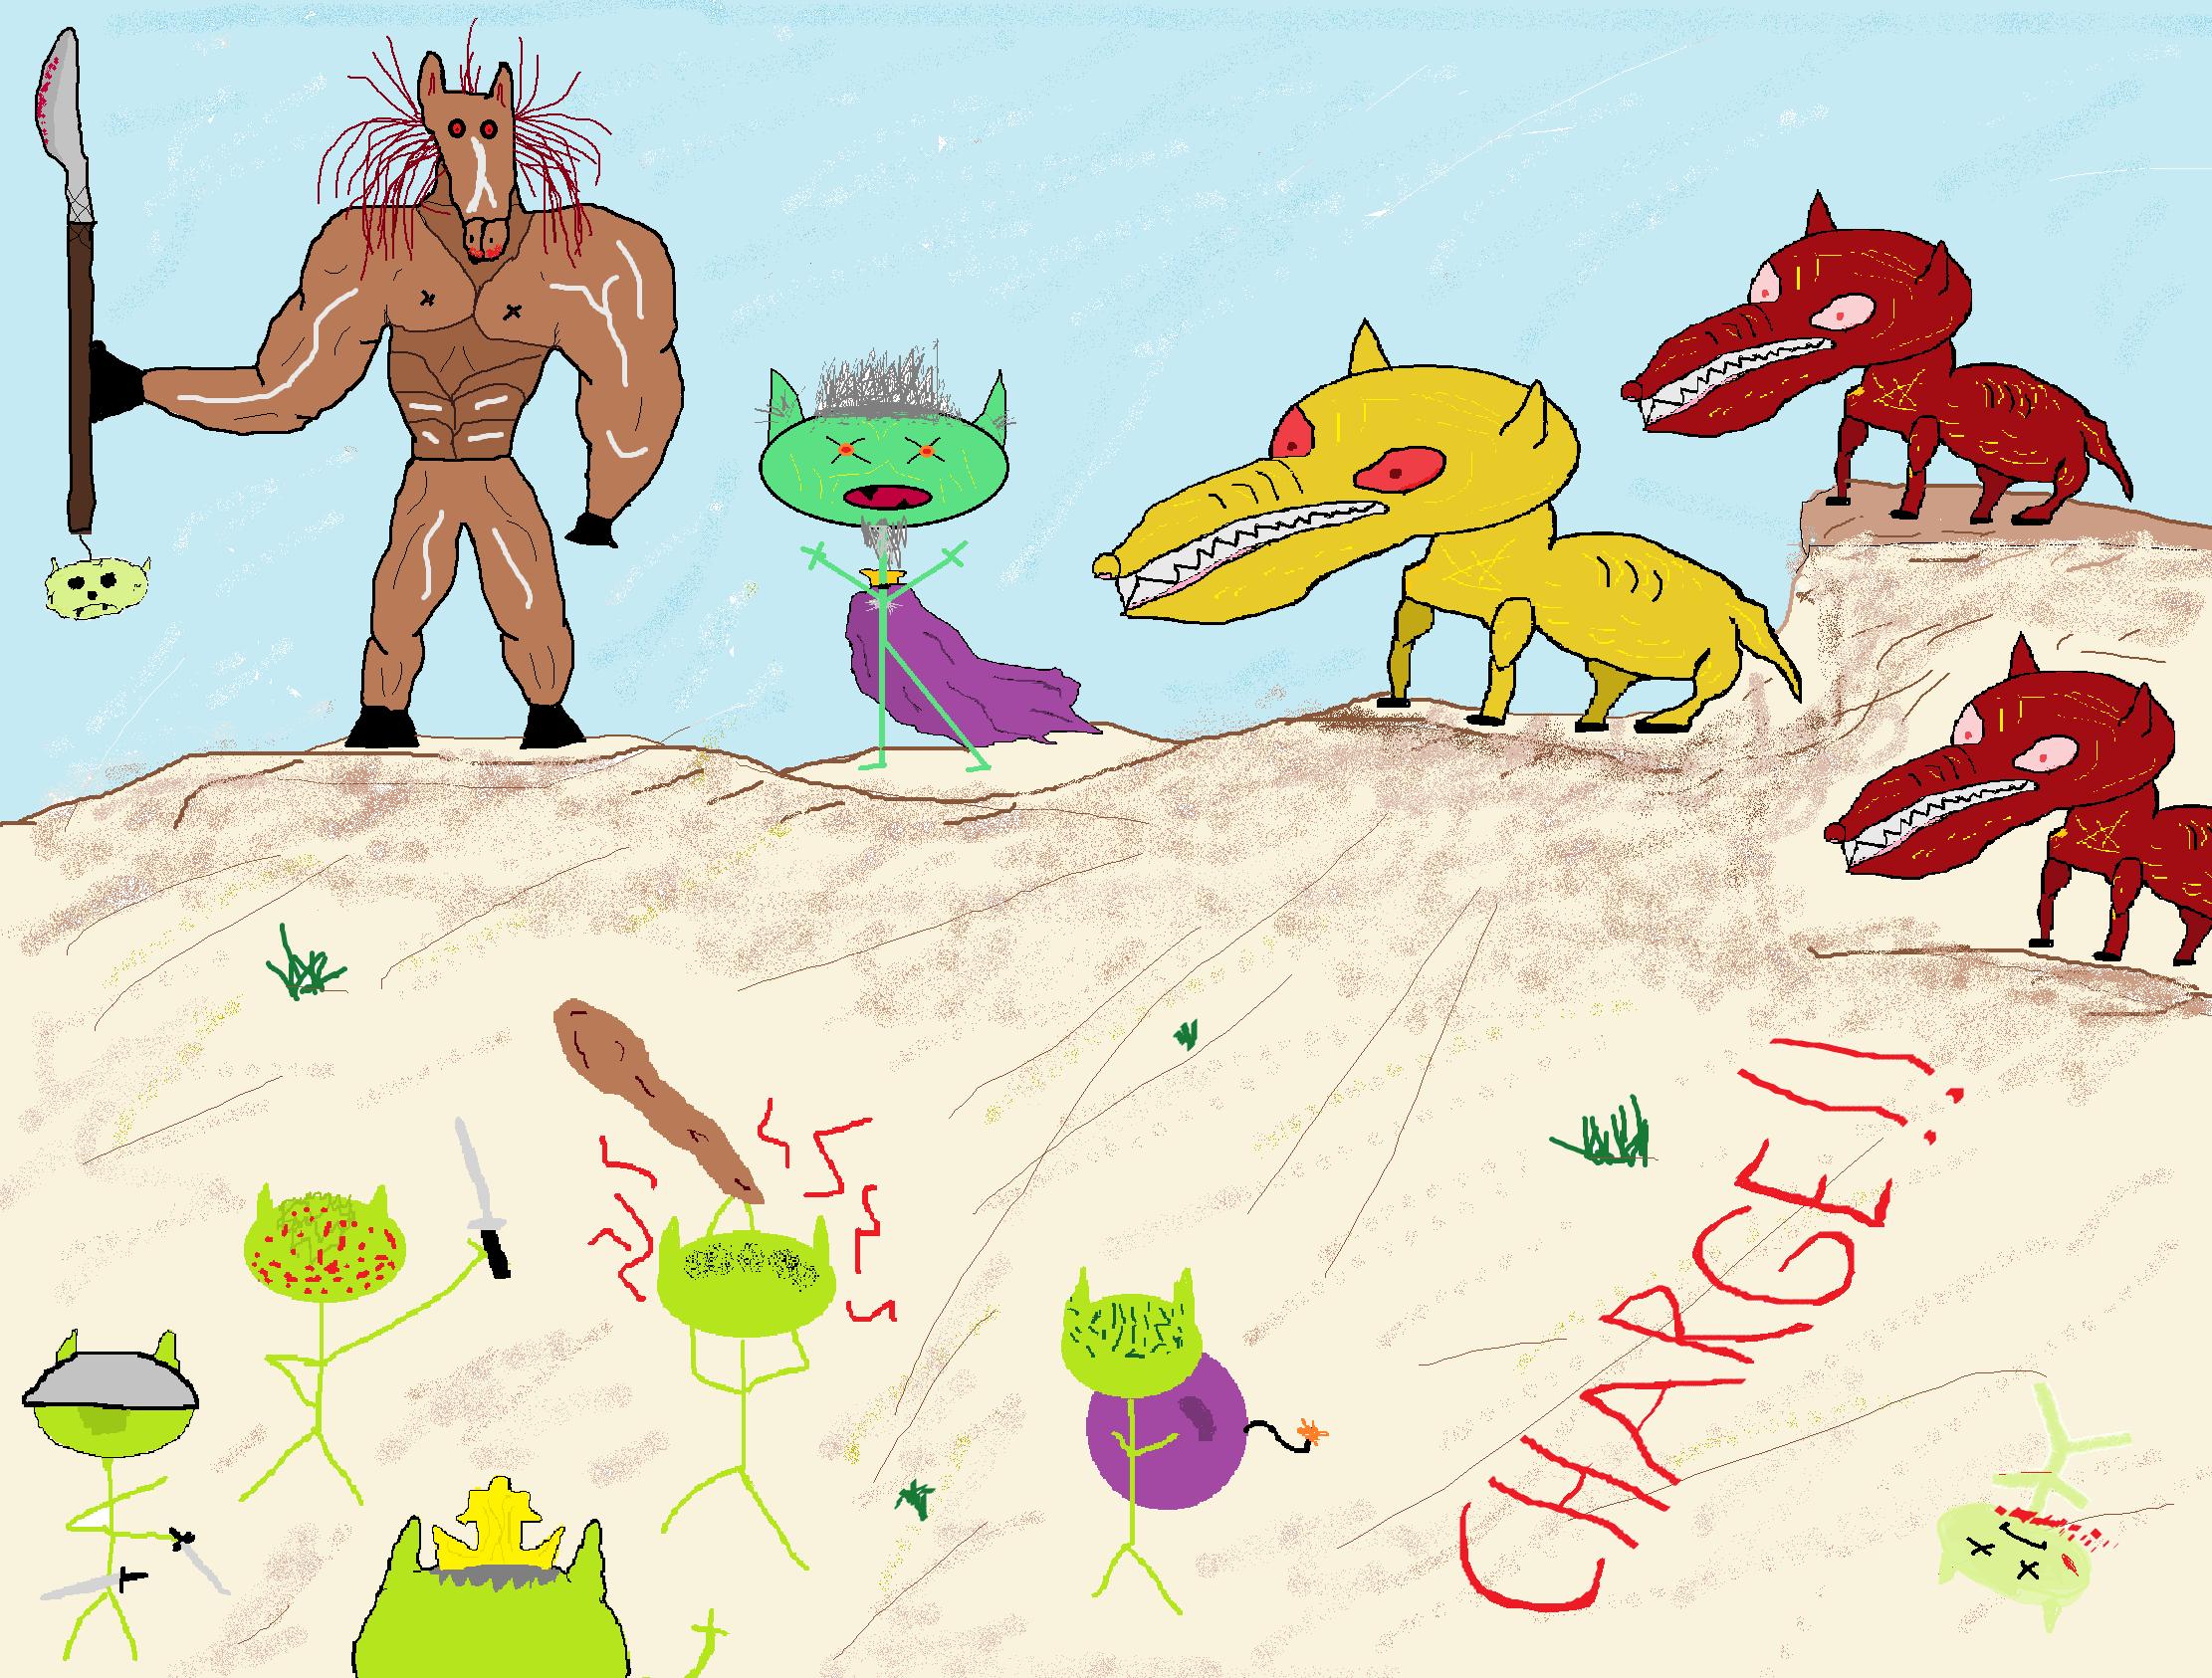 goblinhorse5.png